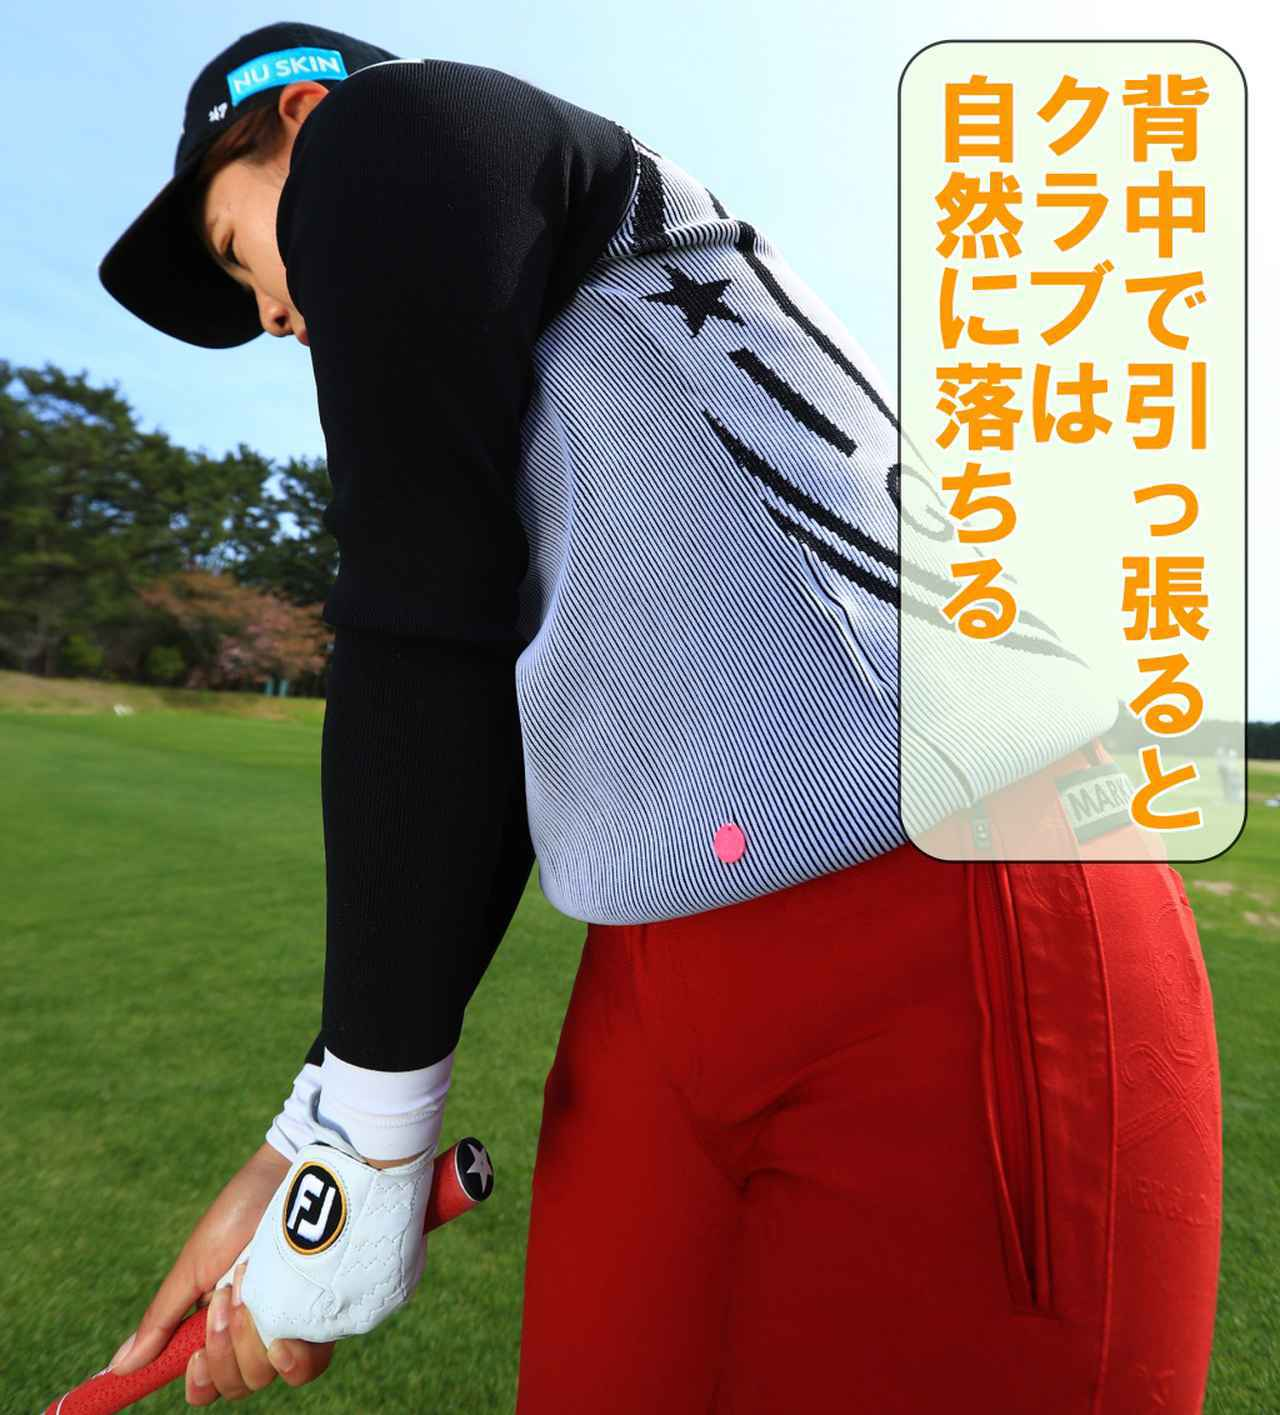 画像: 前傾角度をキープさせたまま体の回転をさせることがクラブを加速させるポイント。ダウンに入ったら背中で引っ張るように振ることで、上体に余計な力が入らず、回転力が高まる